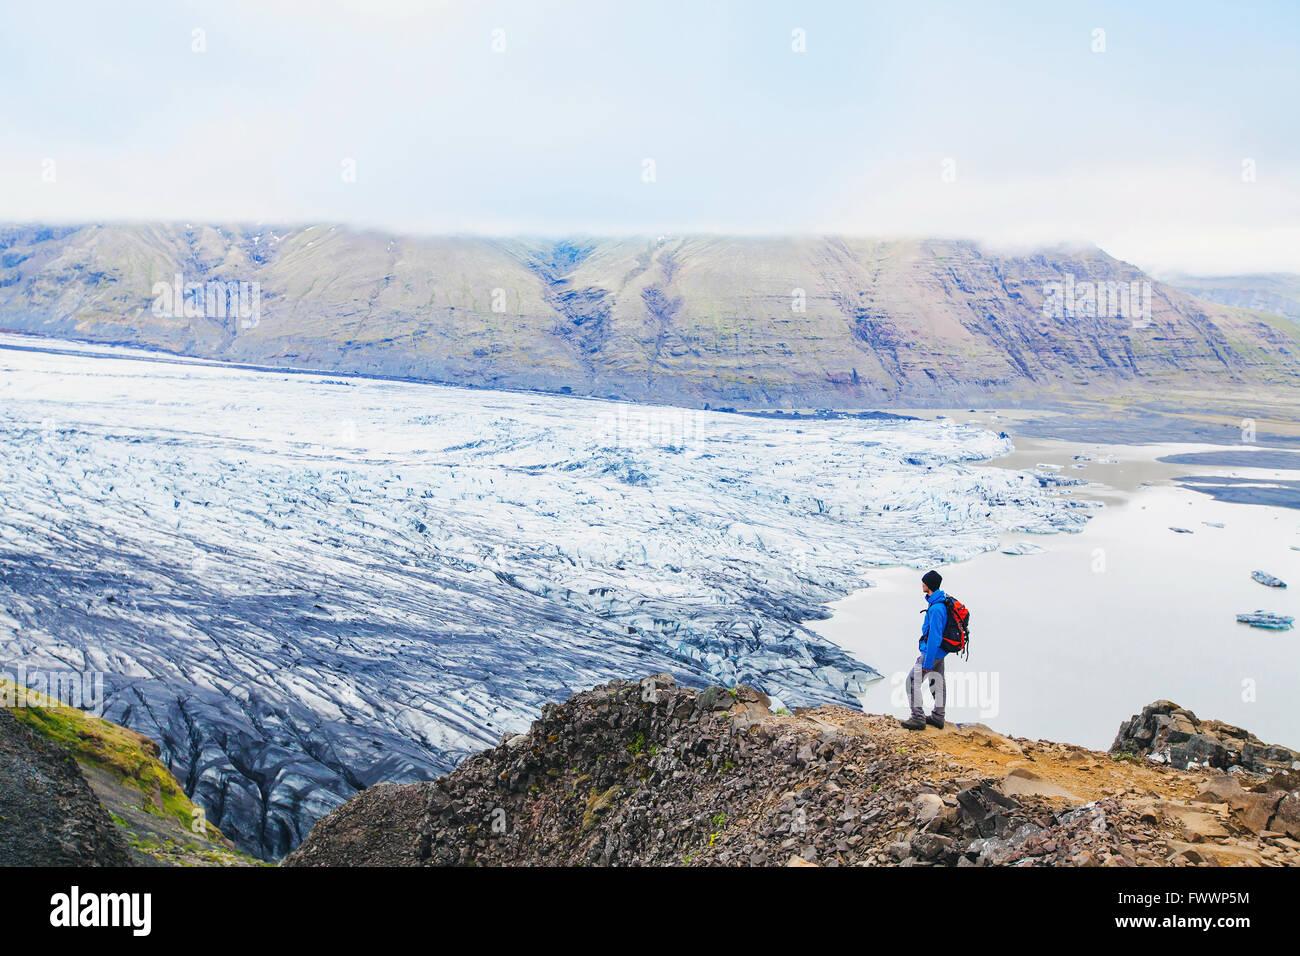 Traveler bénéficiant d'une vue panoramique sur glacier en Islande Photo Stock